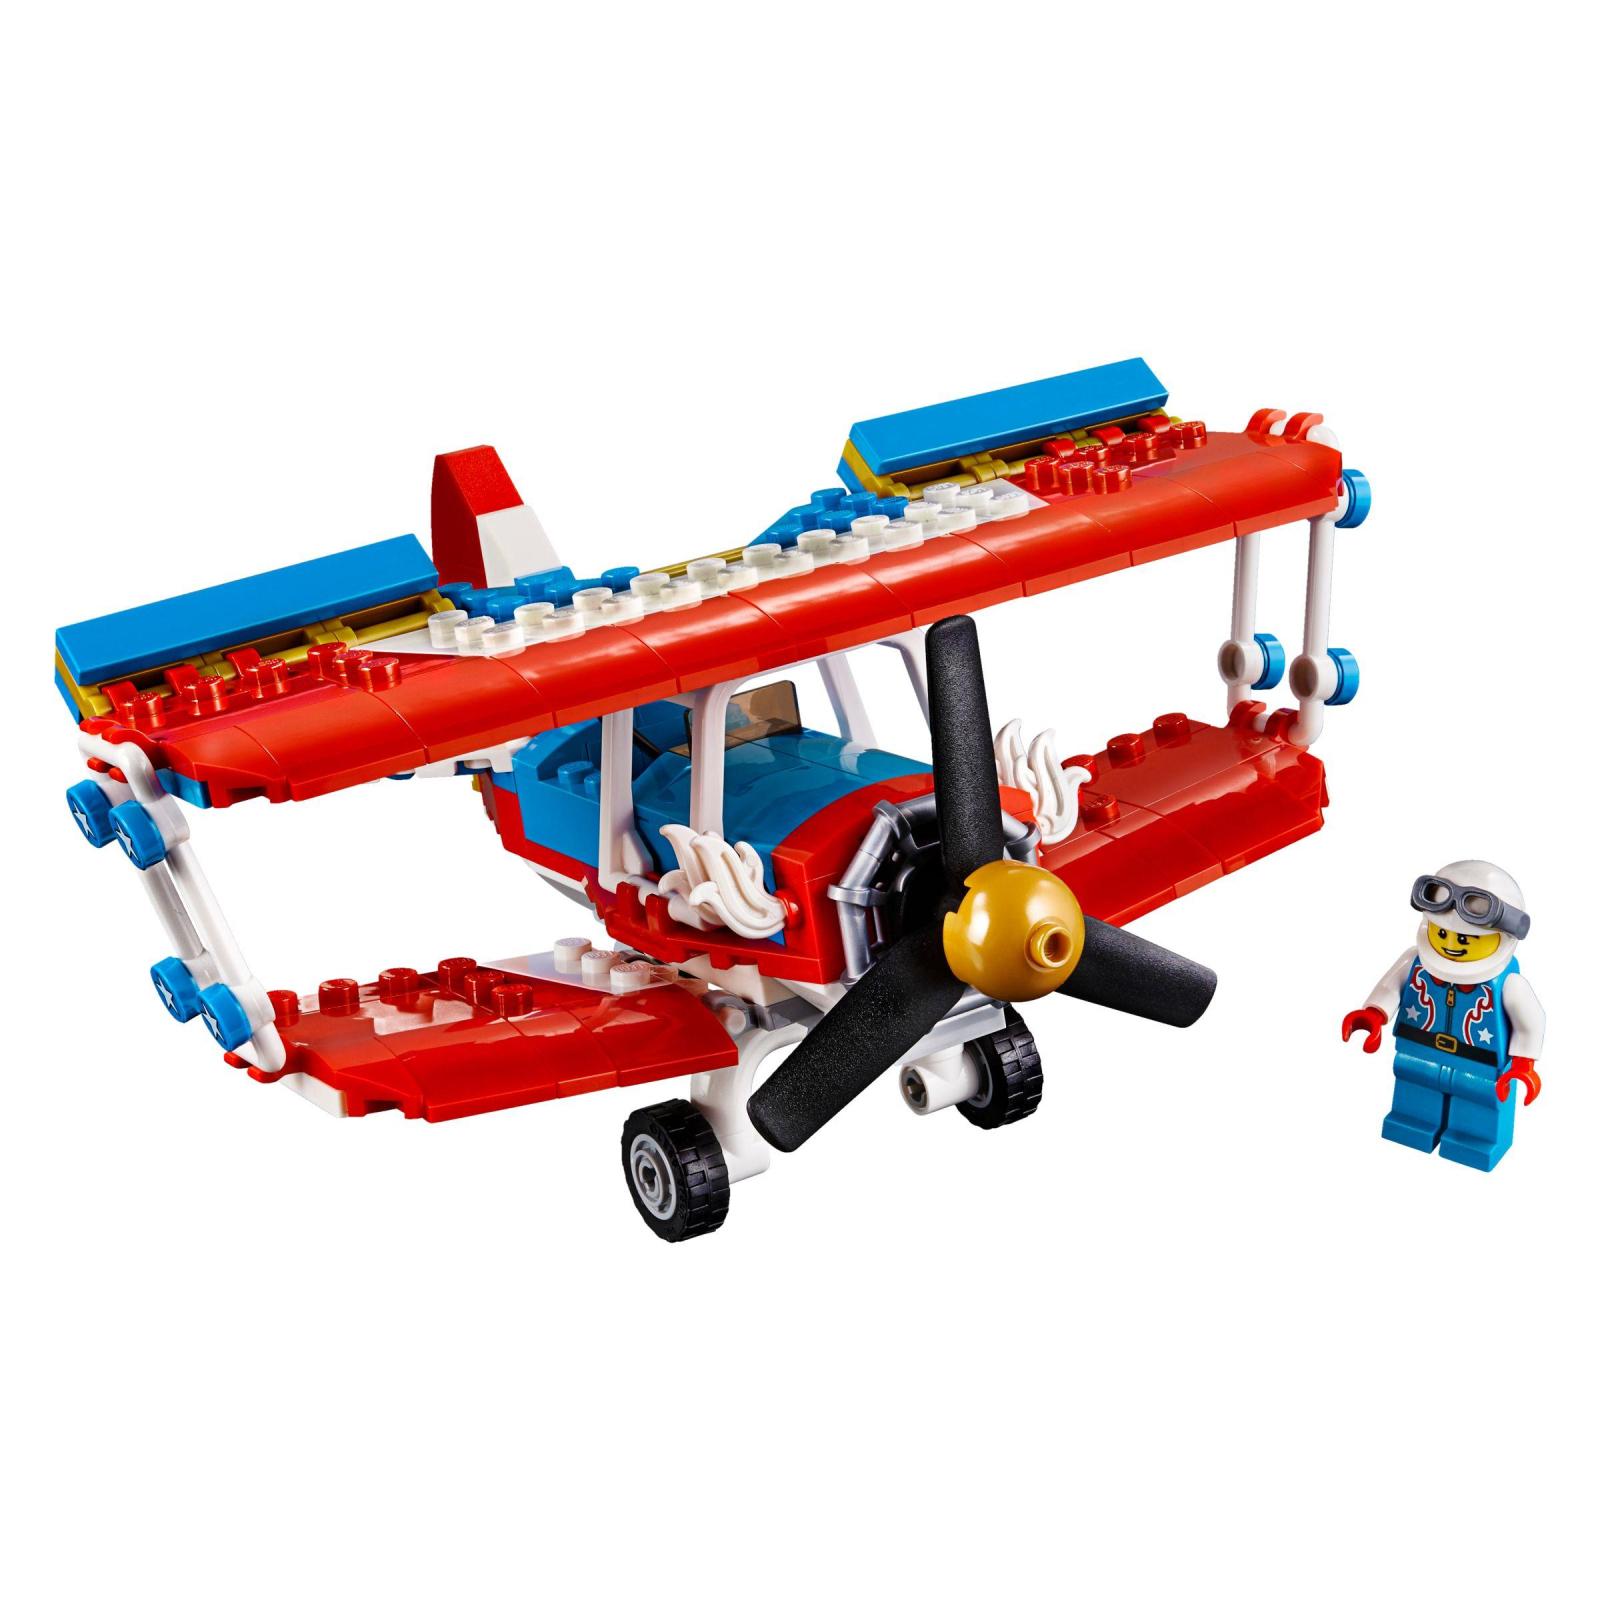 Конструктор LEGO Creator Бесстрашный самолет высшего пилотажа (31076) изображение 2